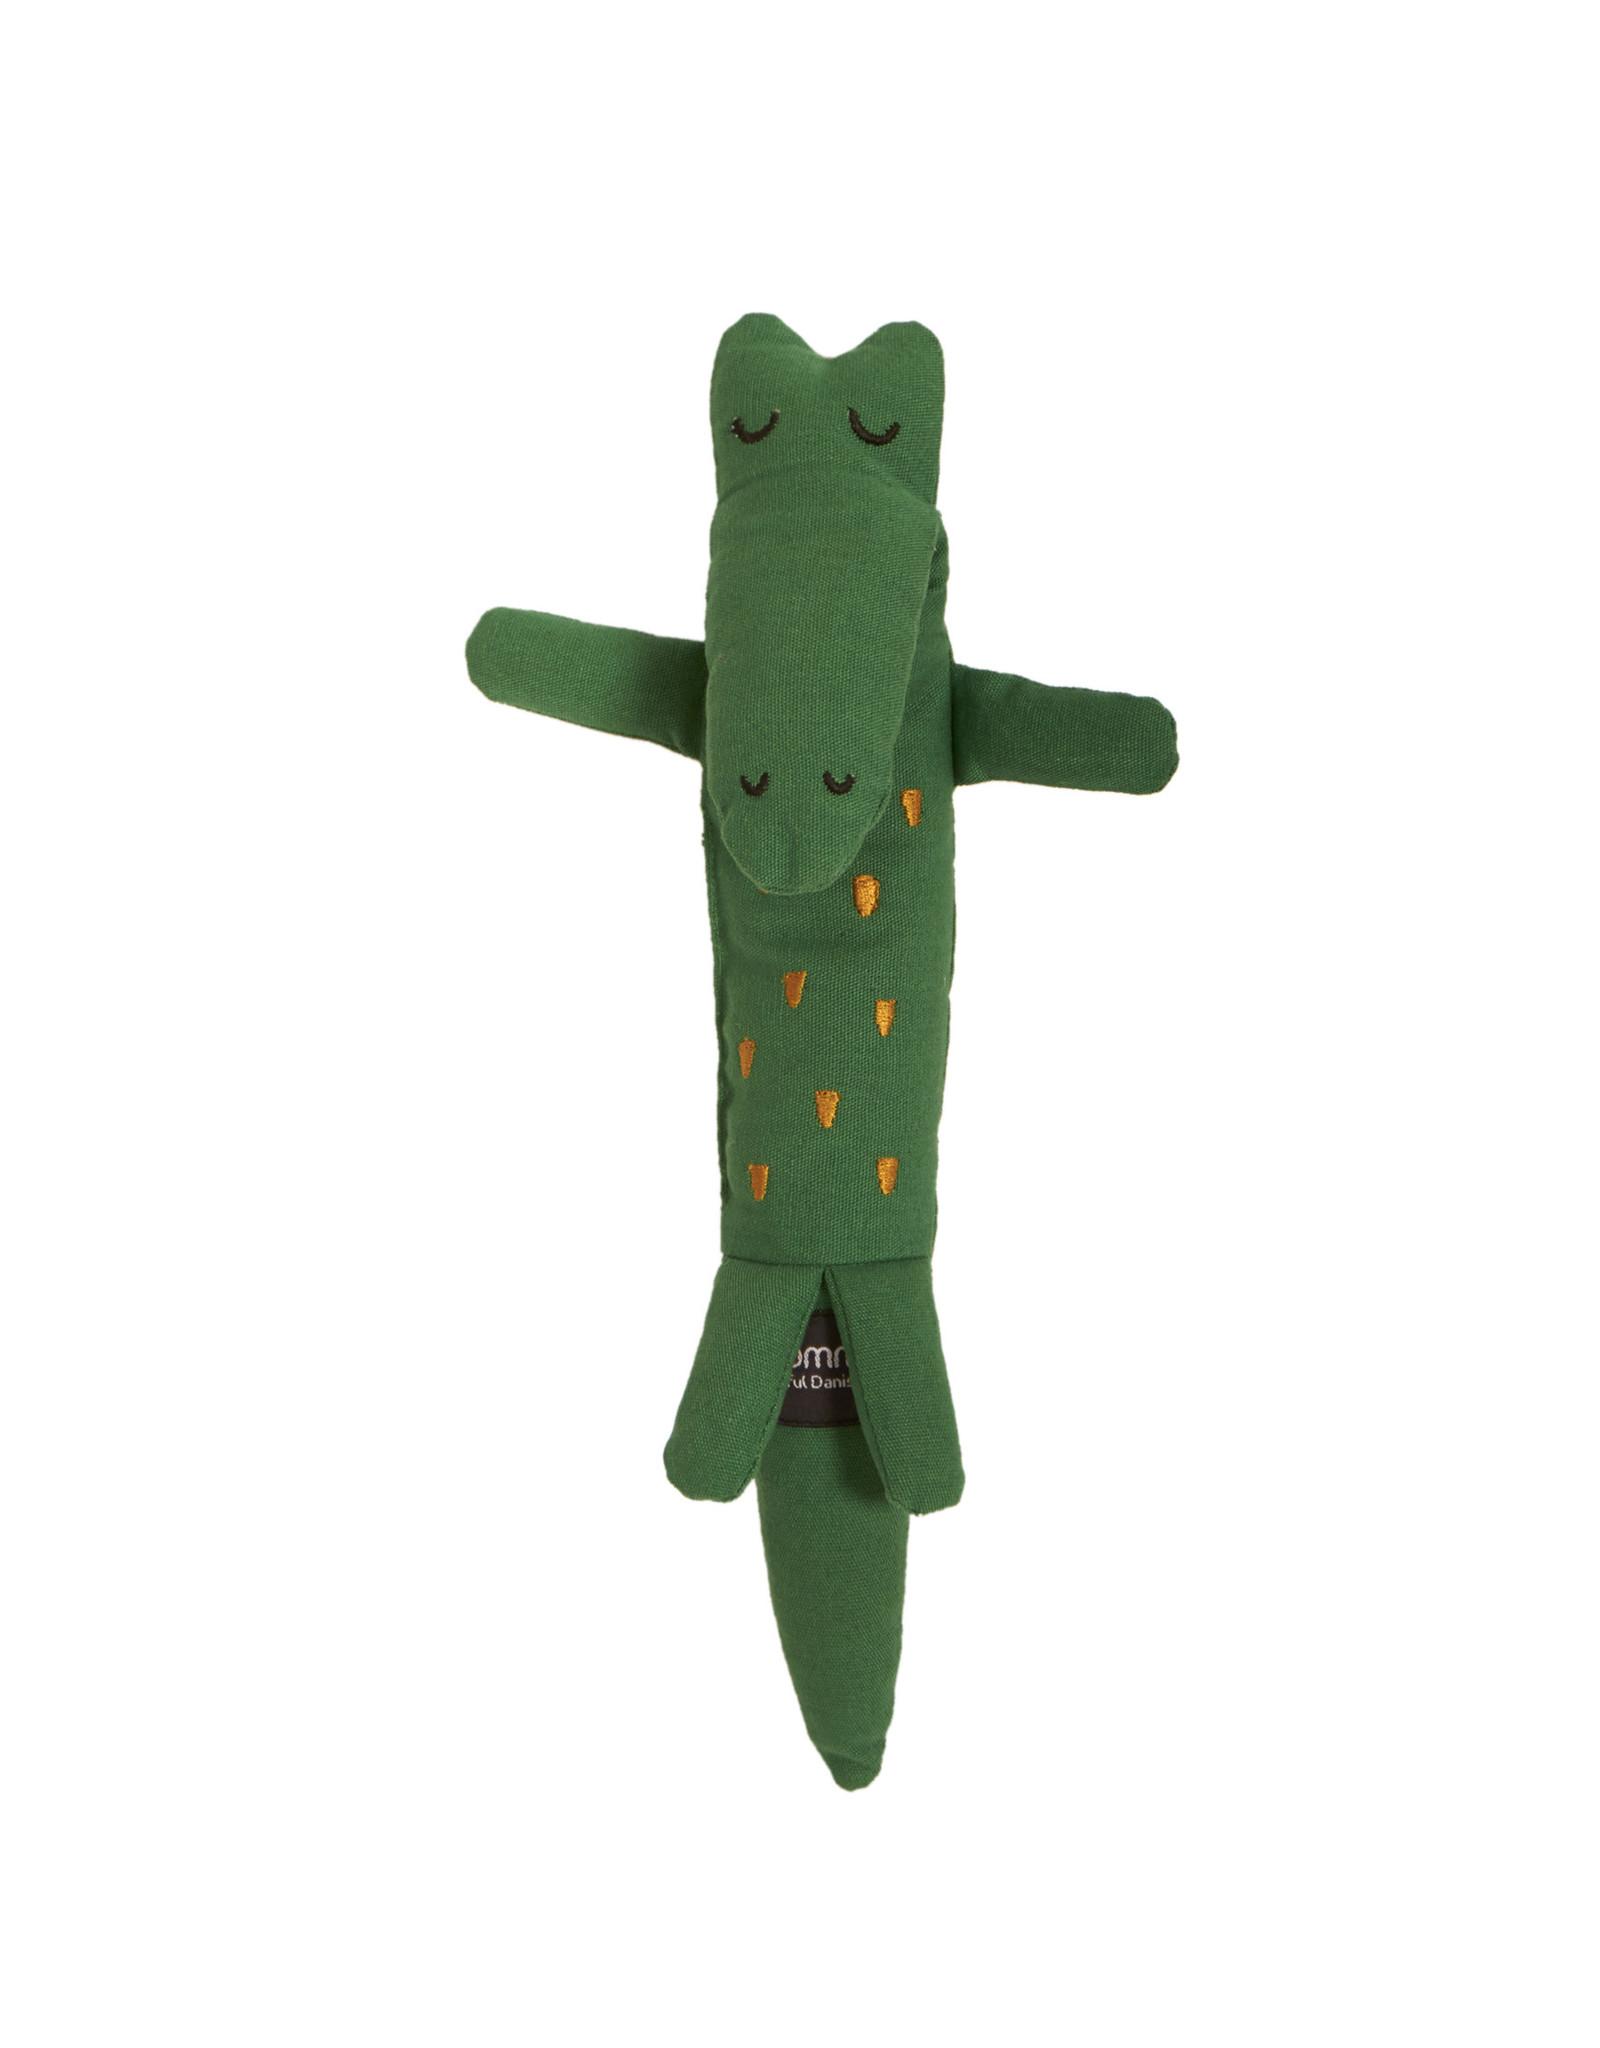 Roommate Roommate -  Crocodile Knuffel